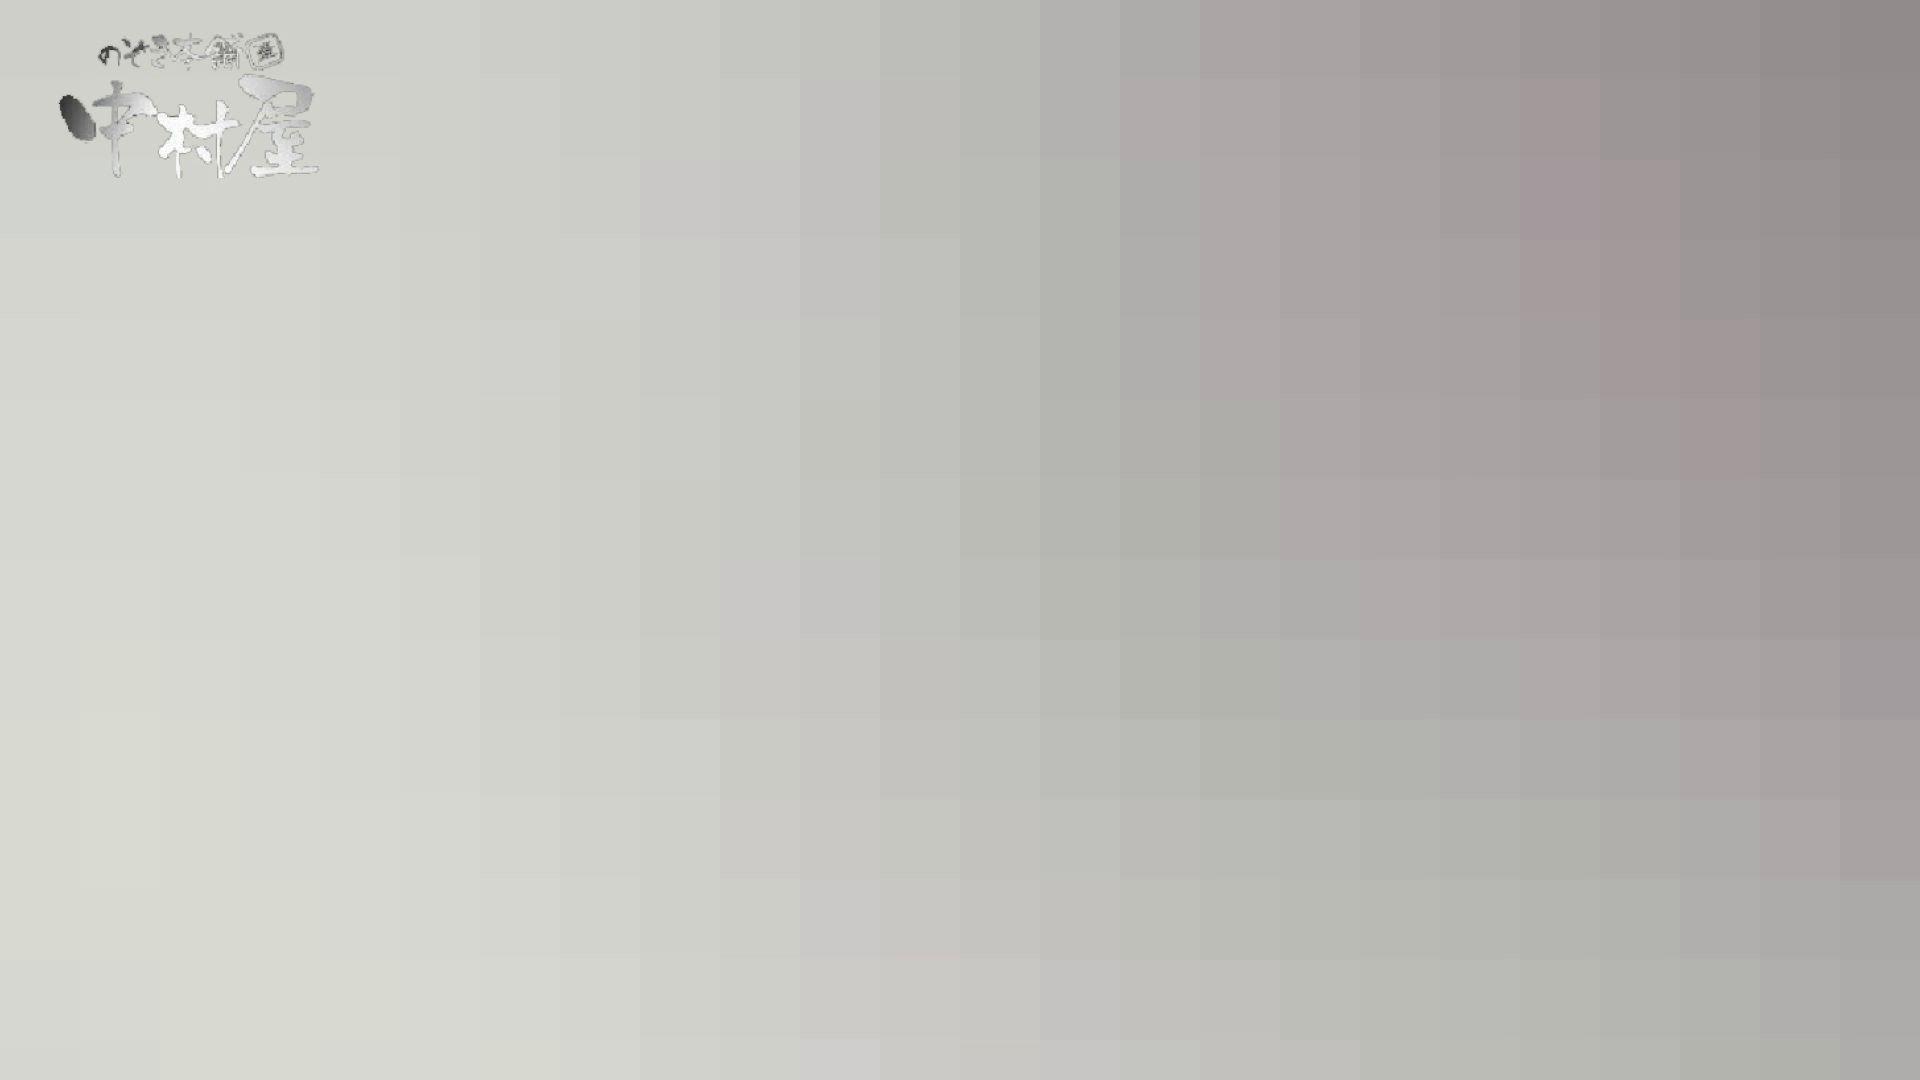 【世界の射窓から】世界の射窓から vol.14 0  72連発 12